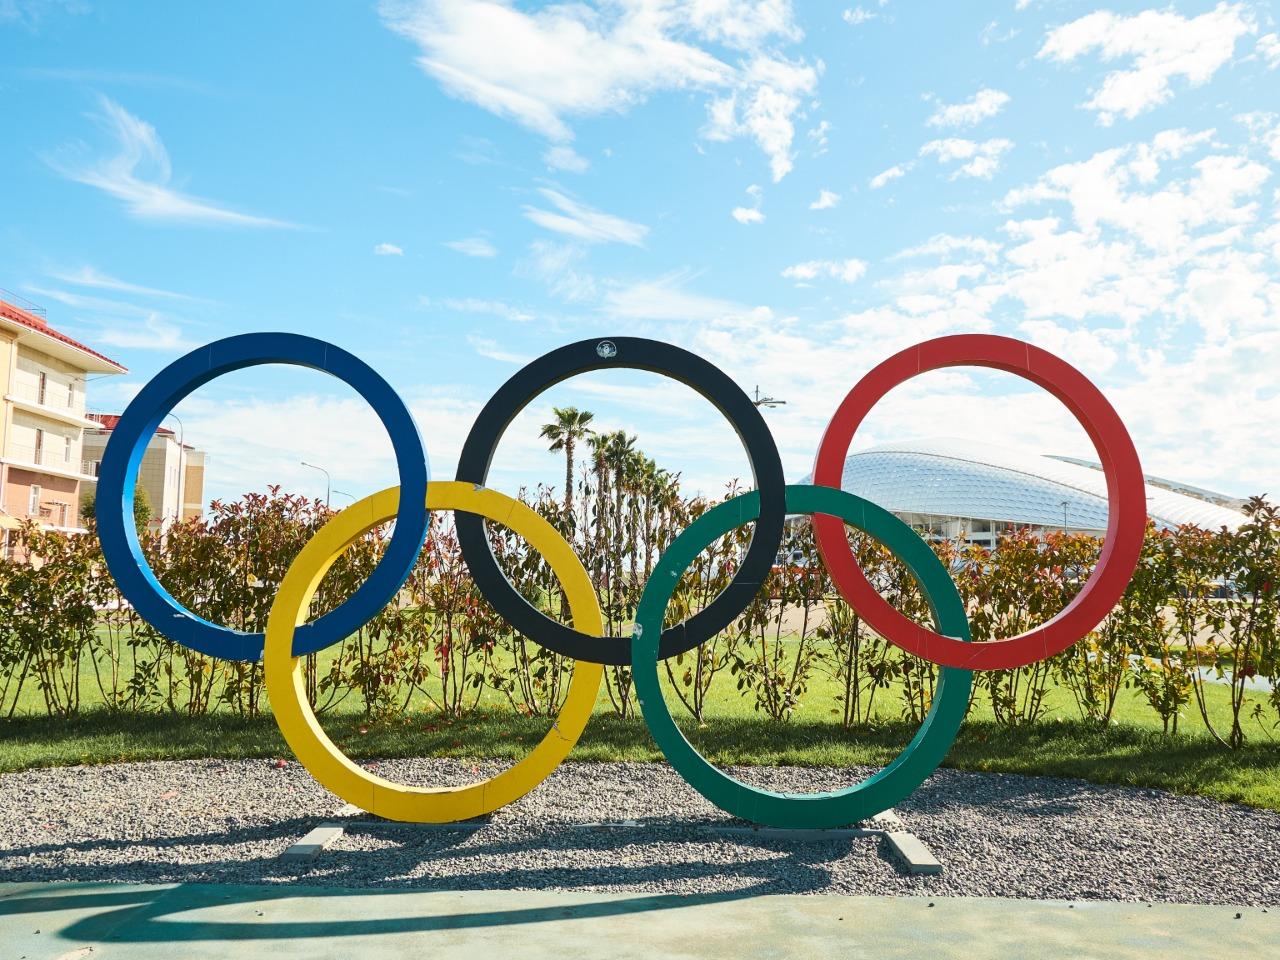 Олимпиада-2014. По местам спортивной славы - индивидуальная экскурсия в Адлере от опытного гида